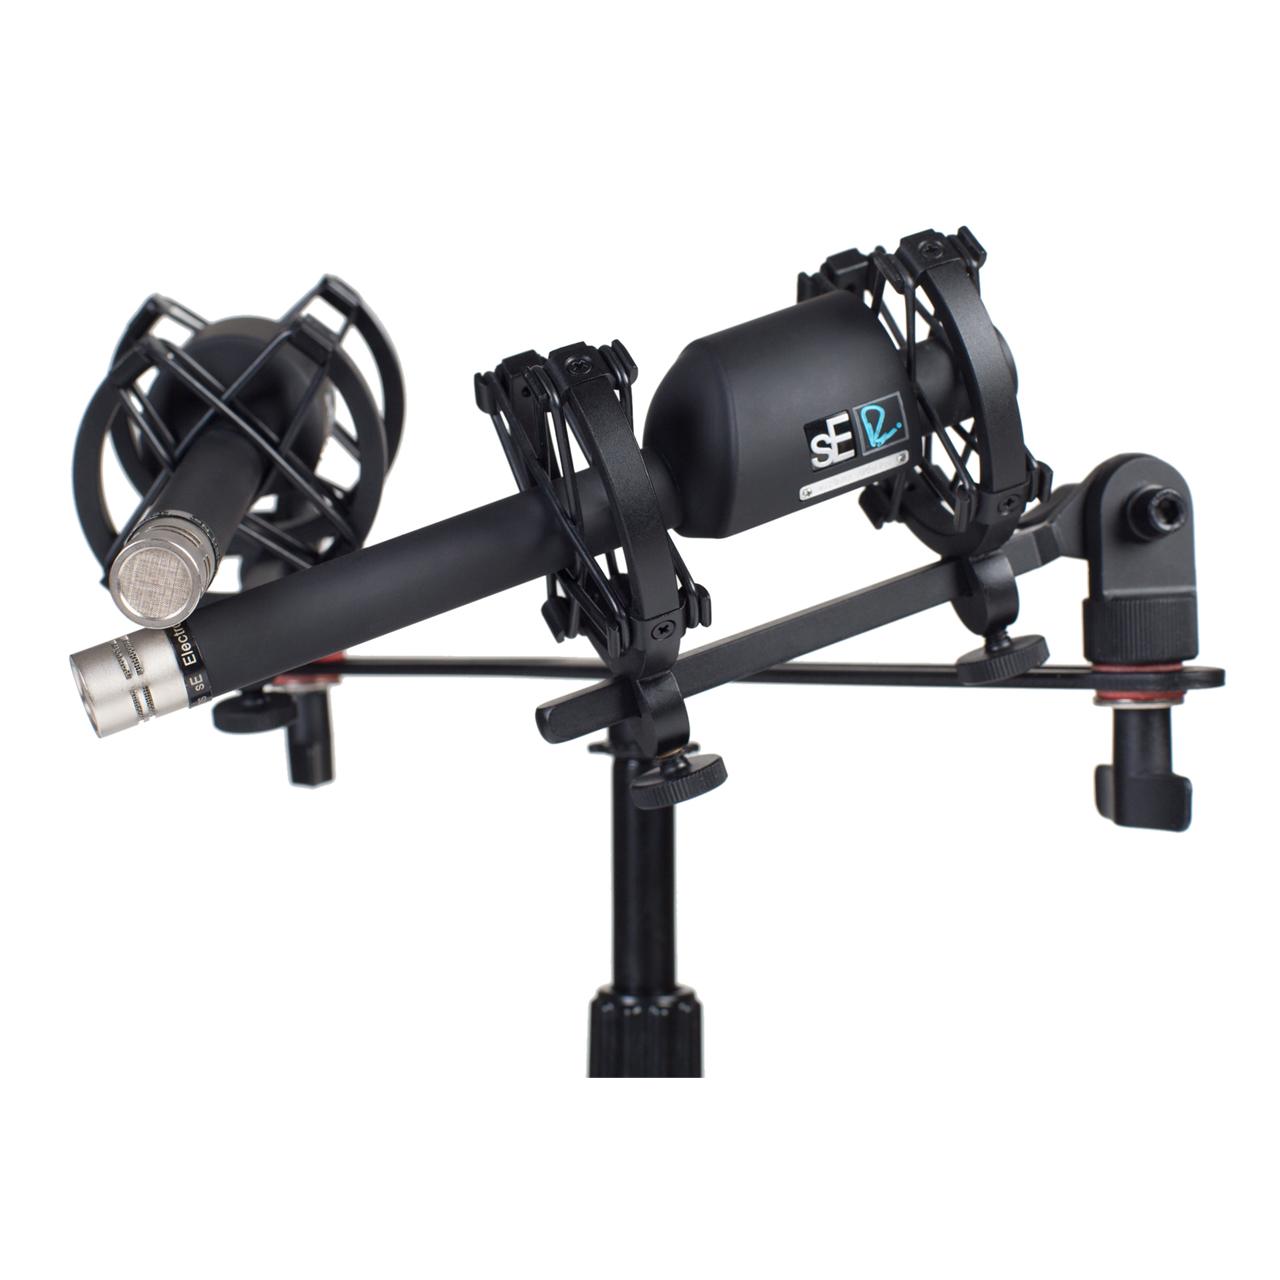 rn17-pair-mounted.jpg